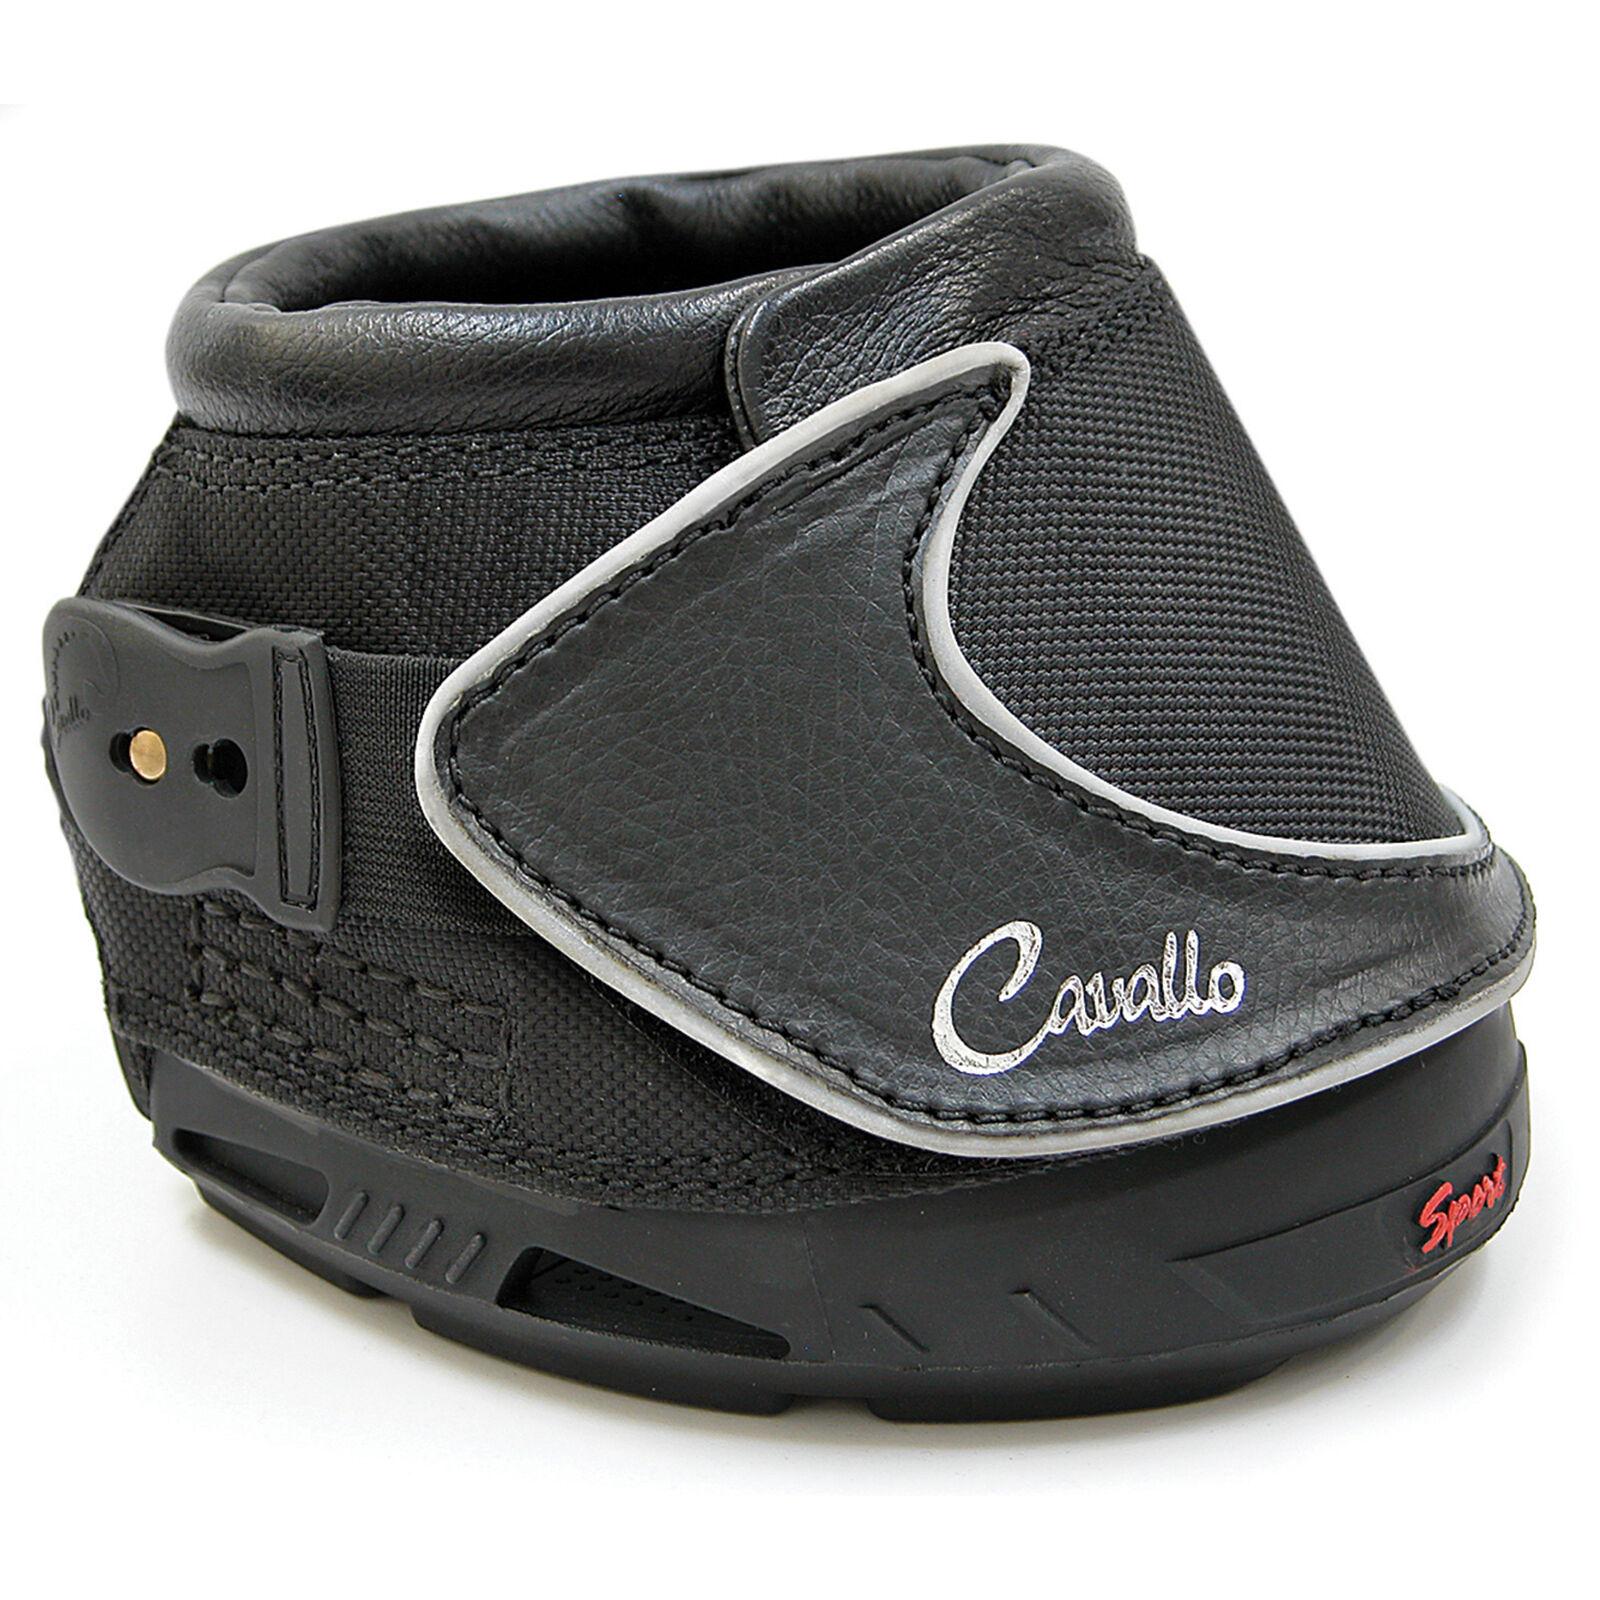 Cavtuttio Sport regolari Zoccolo Stivali leggero per ARENA o sentieri venduti in coppia